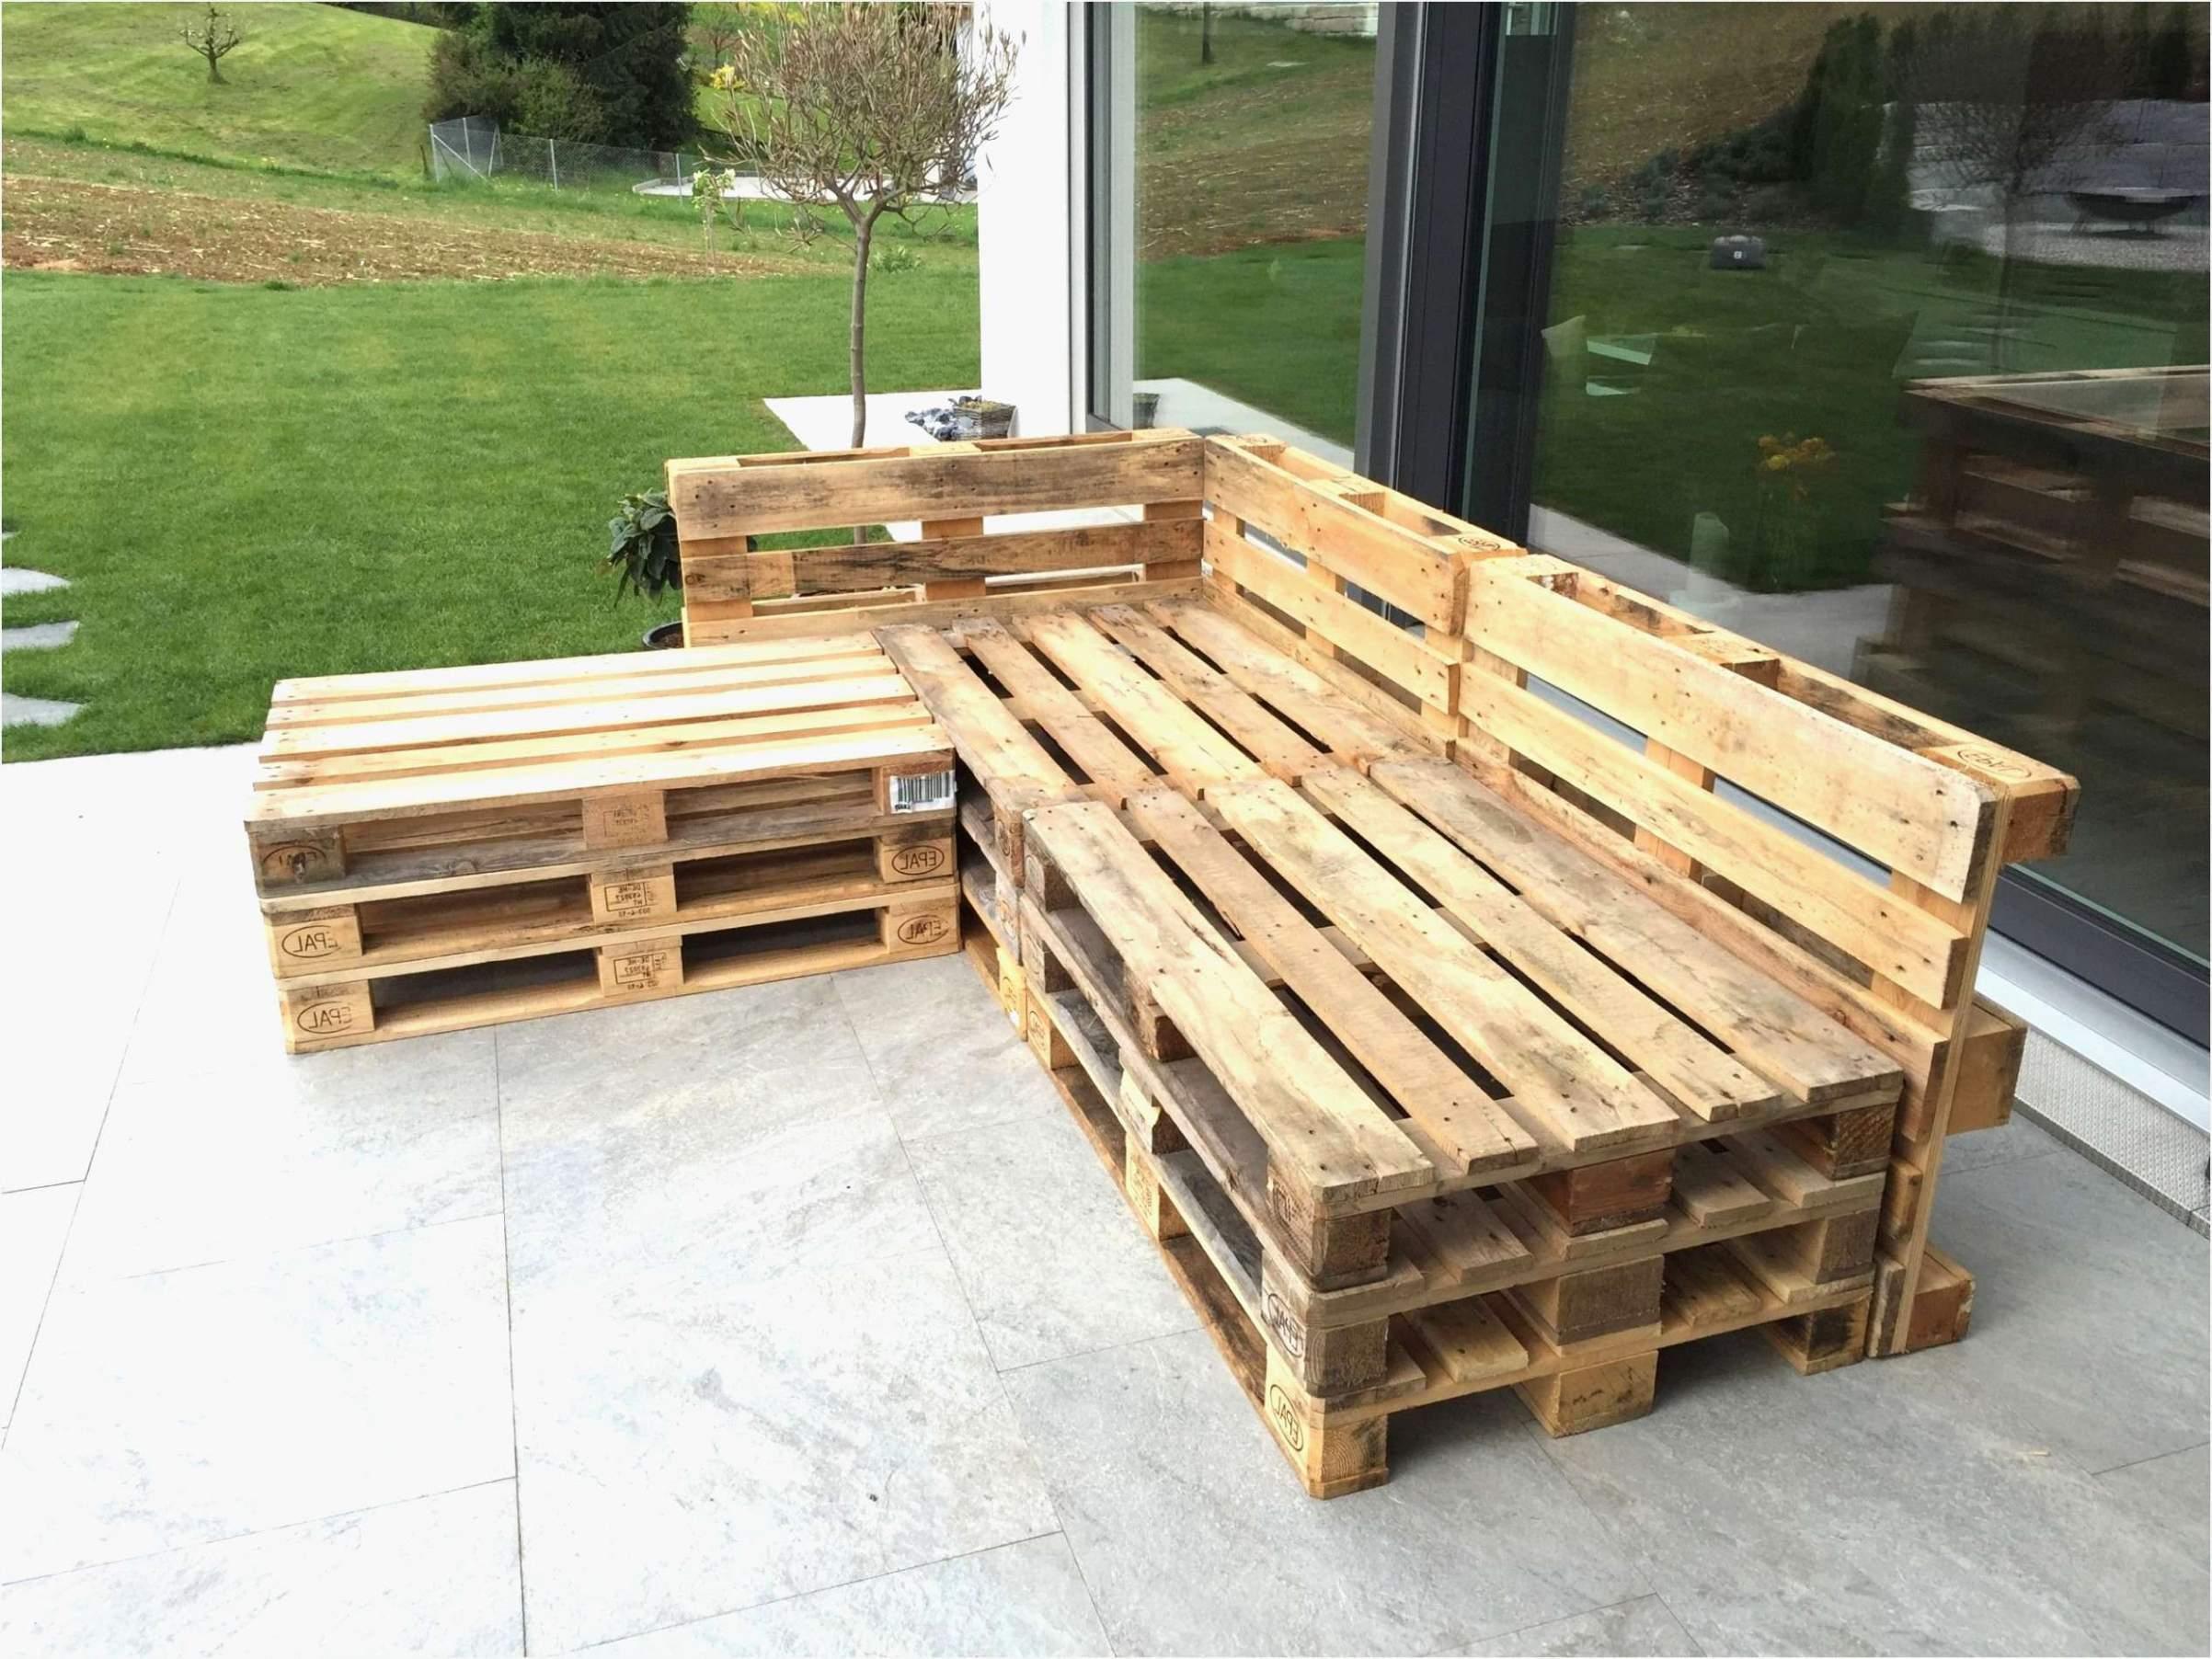 eckbank garten frisch sitzbank garten selber bauen idee lounge mobel outdoor lounge selber bauen outdoor lounge selber bauen